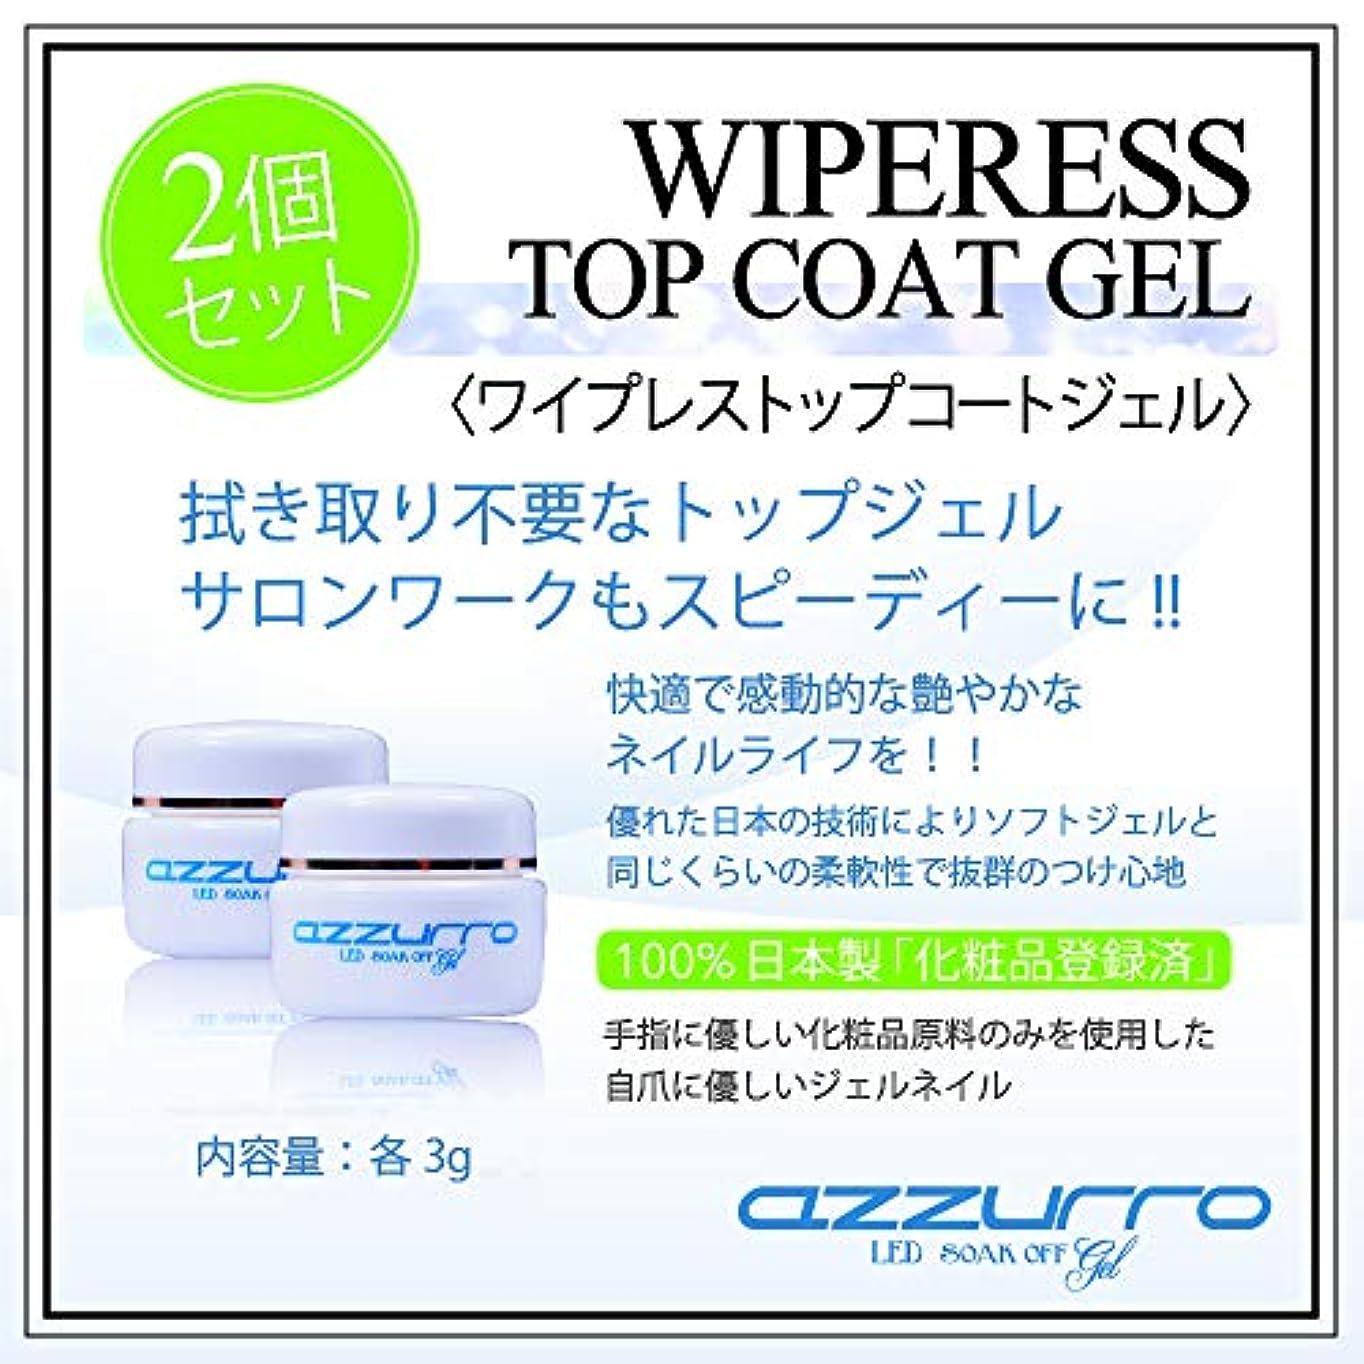 人間私たち自身暗記するazzurro gel アッズーロ ノンワイプトップジェル 3g お得な2個セット